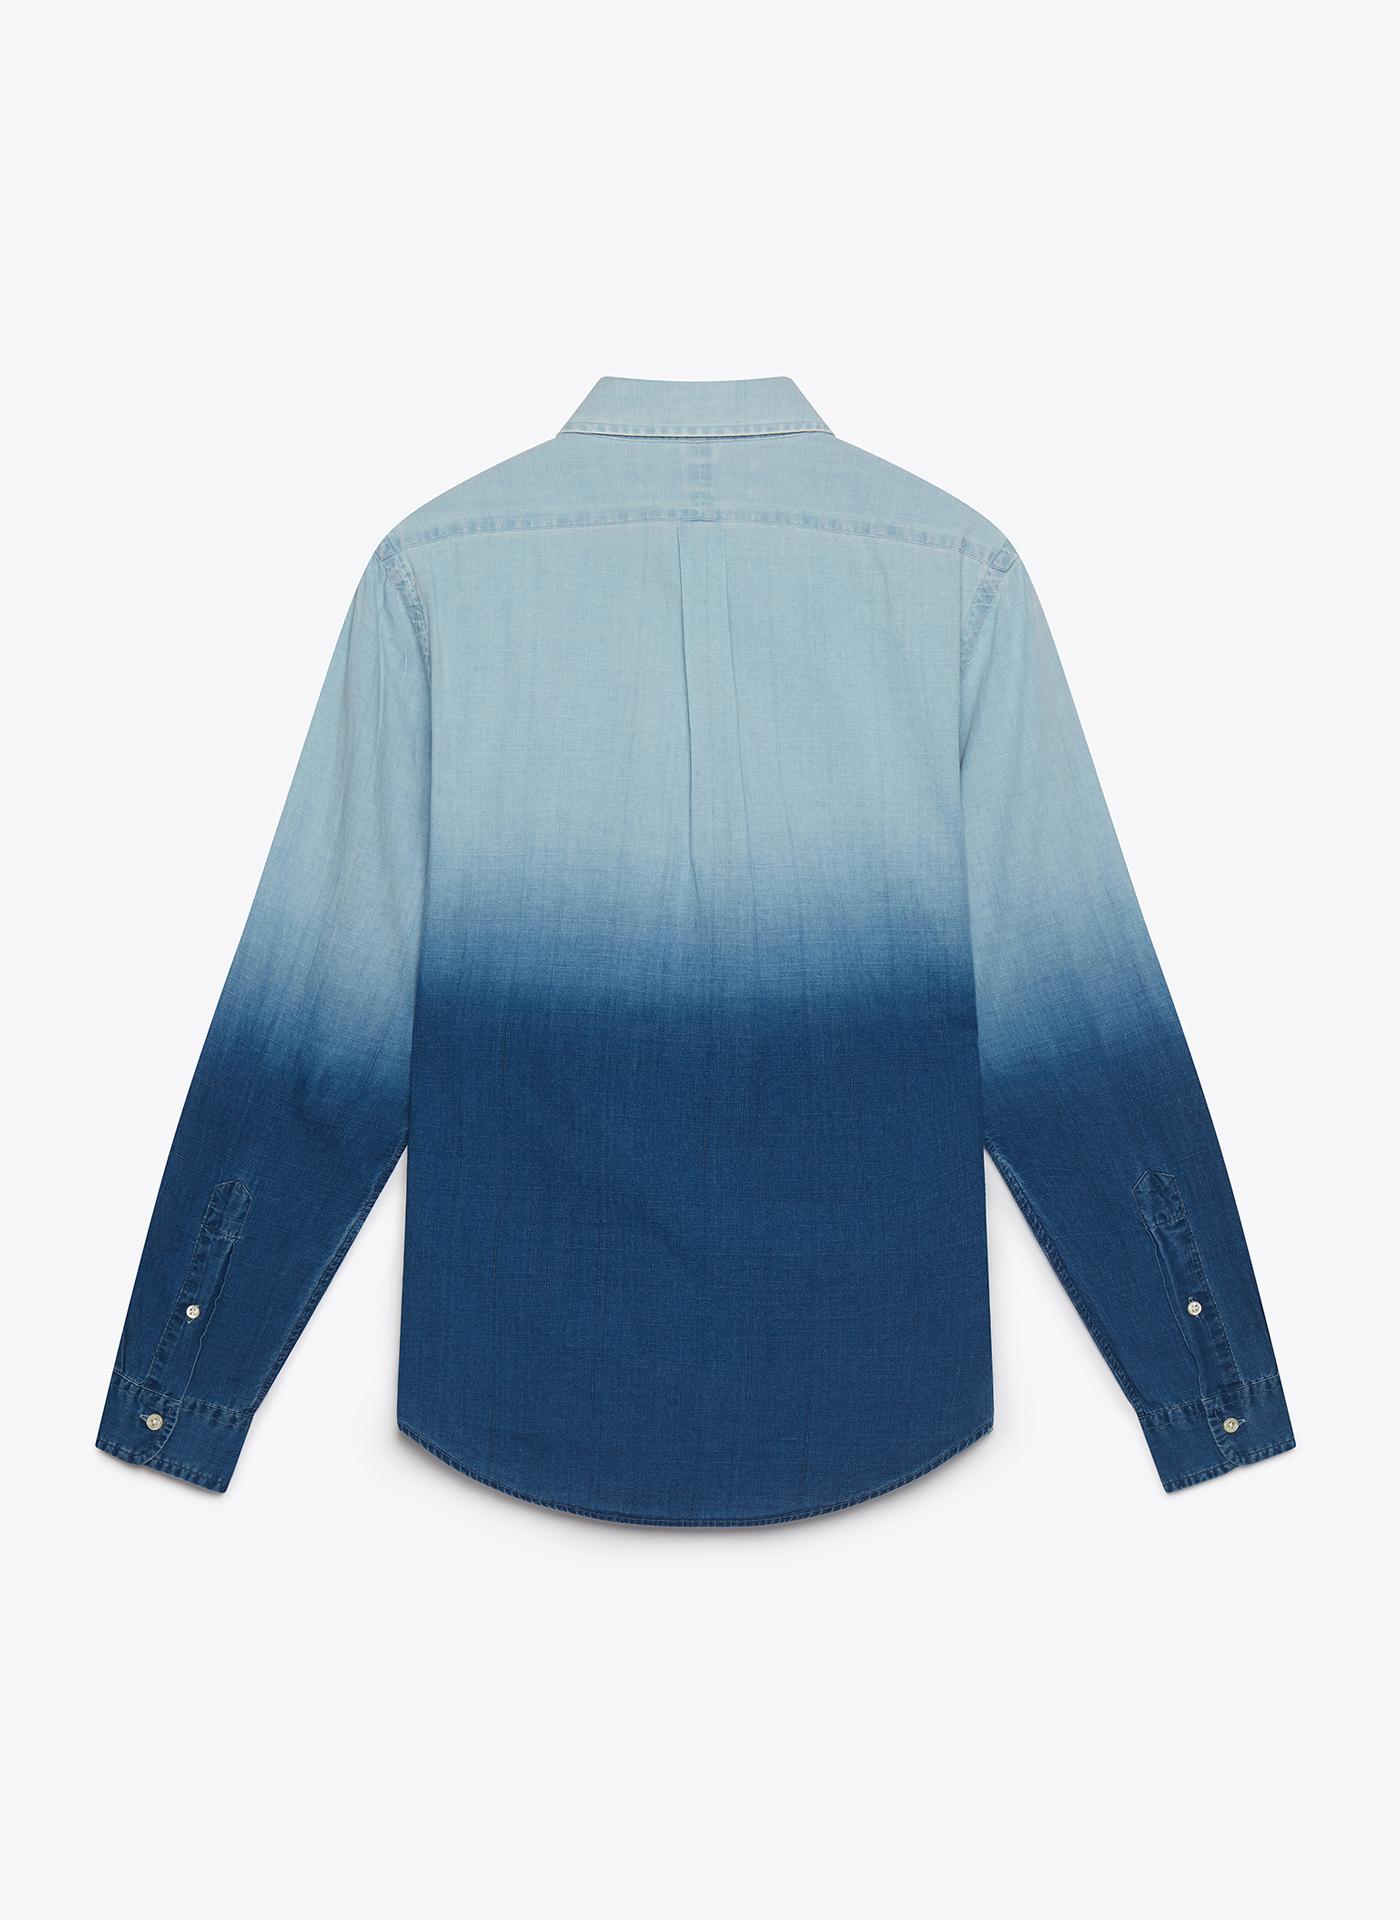 light blue denim shirt back on white background